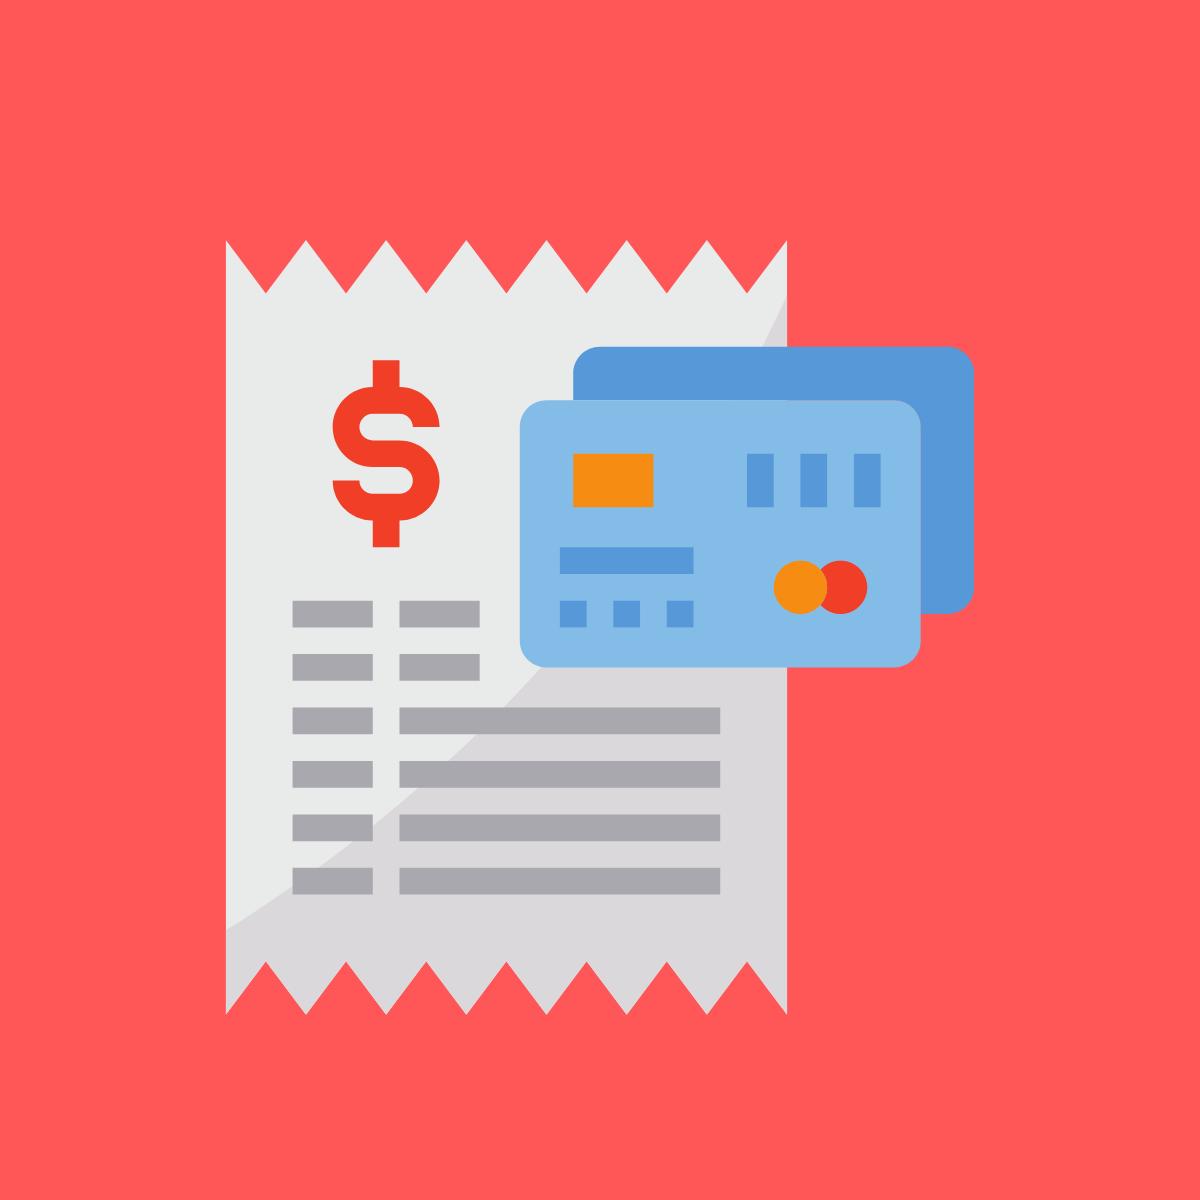 Qu'est-ce que l'assurance de solde de carte de crédit?